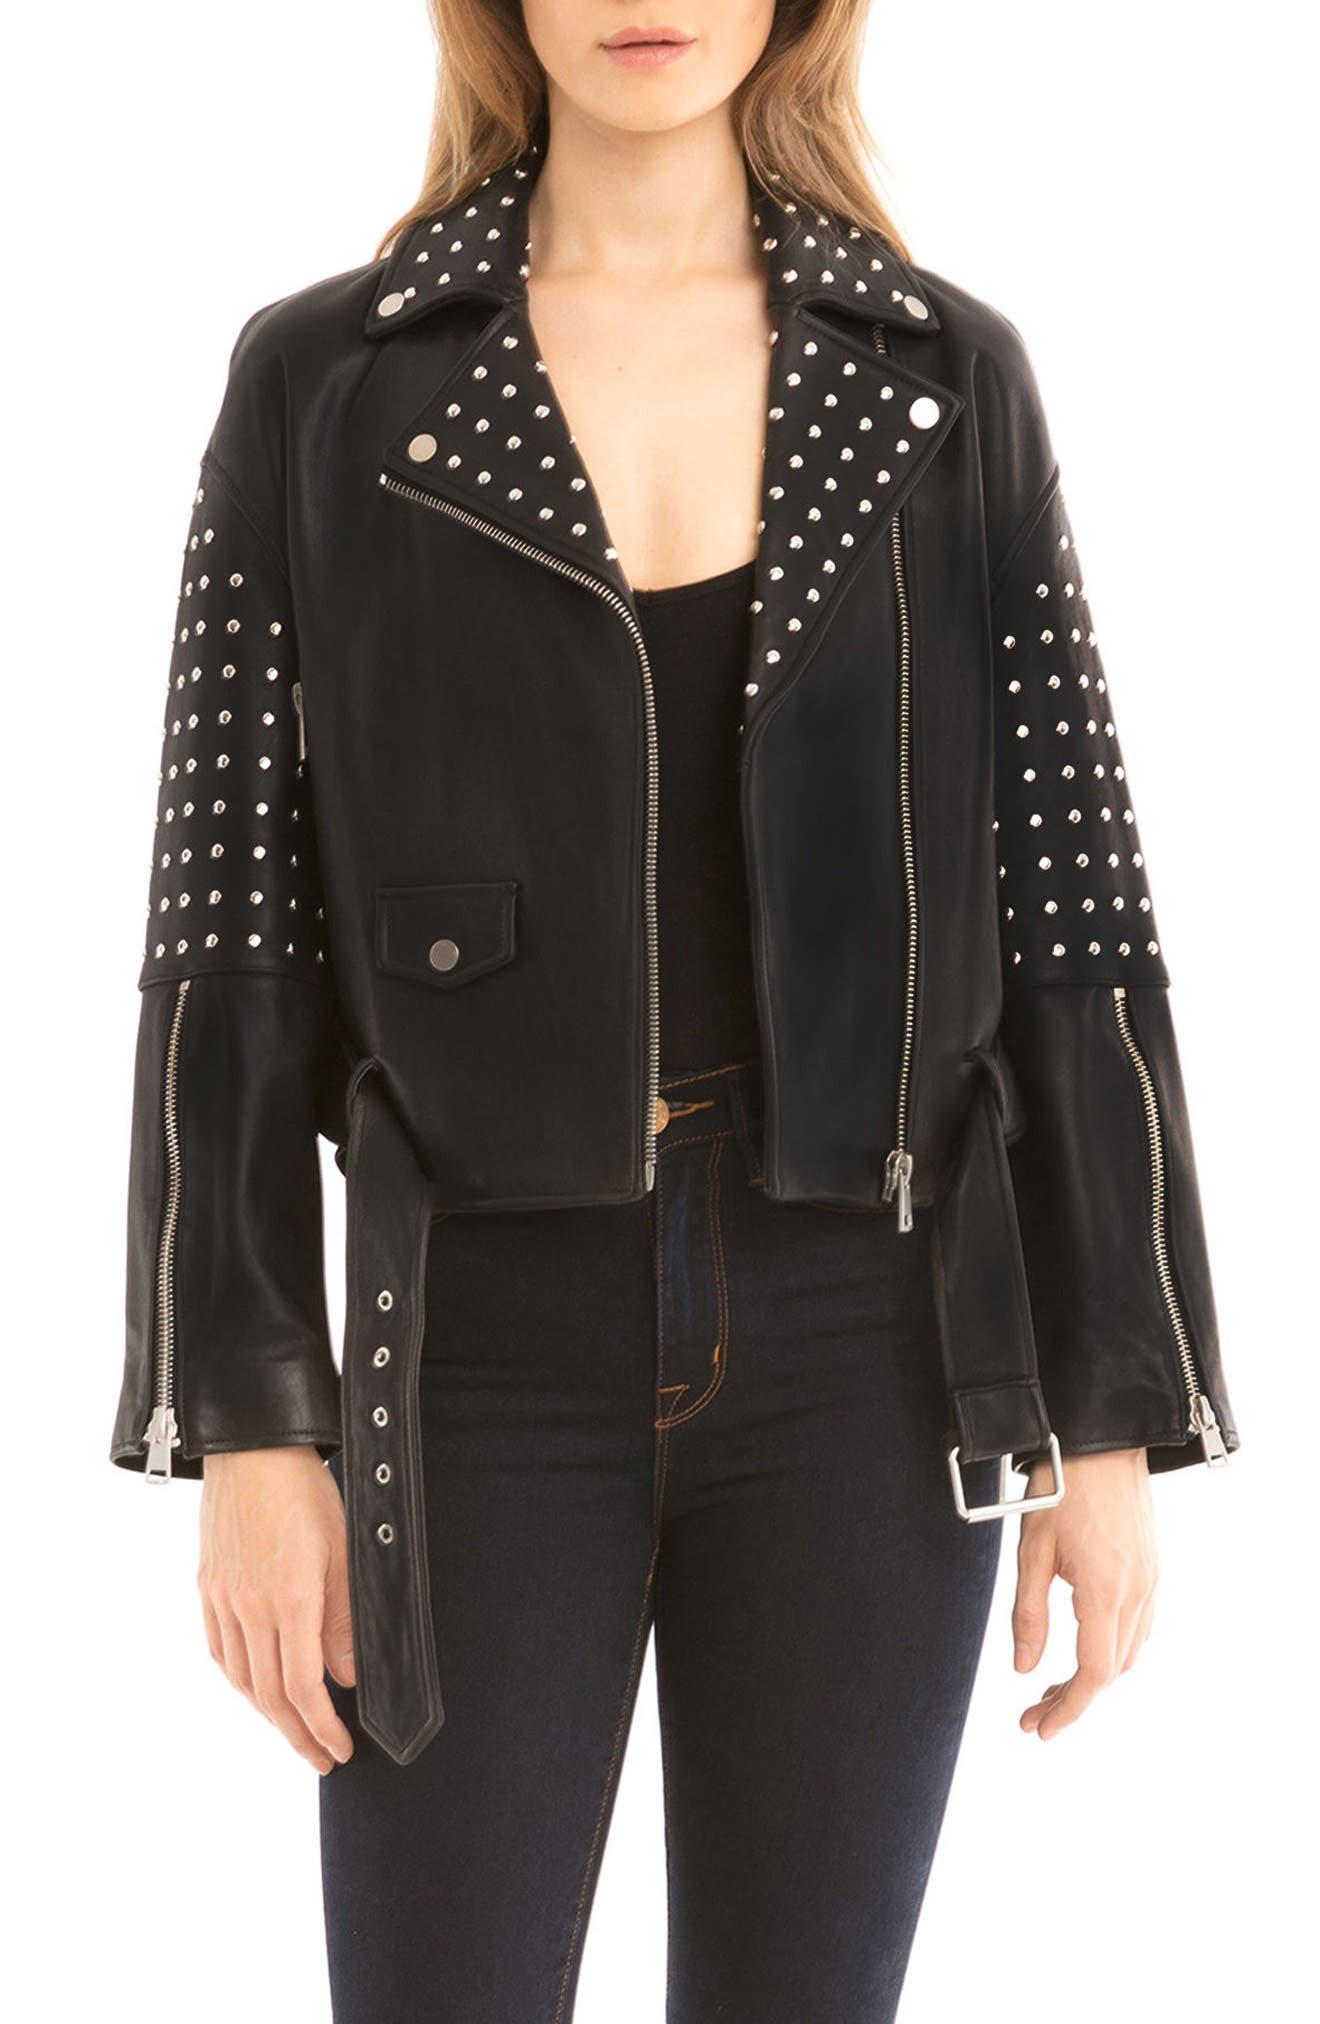 Bagatelle Studded Leather Jacket,                         Main,                         color, Black